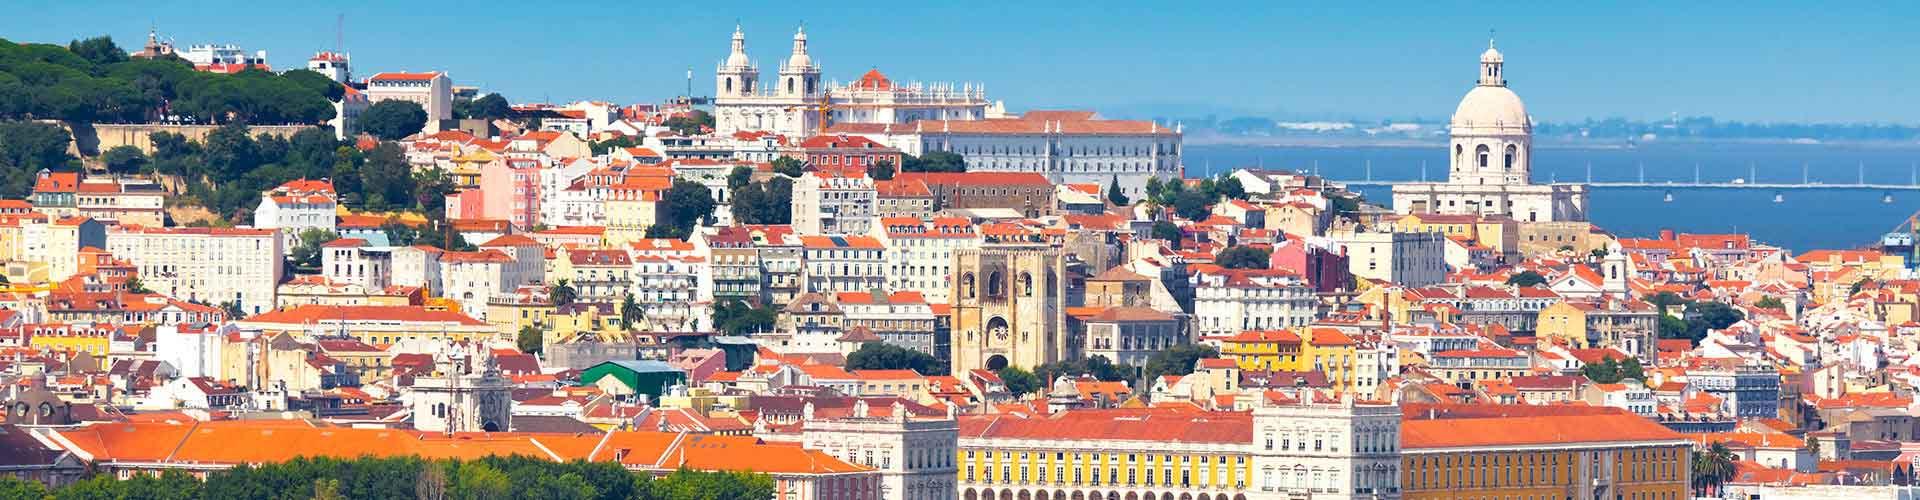 Lizbona - Hostele w mieście: Lizbona, Mapy: Lizbona, Zdjęcia i Recenzje dla każdego hostelu w mieście Lizbona.